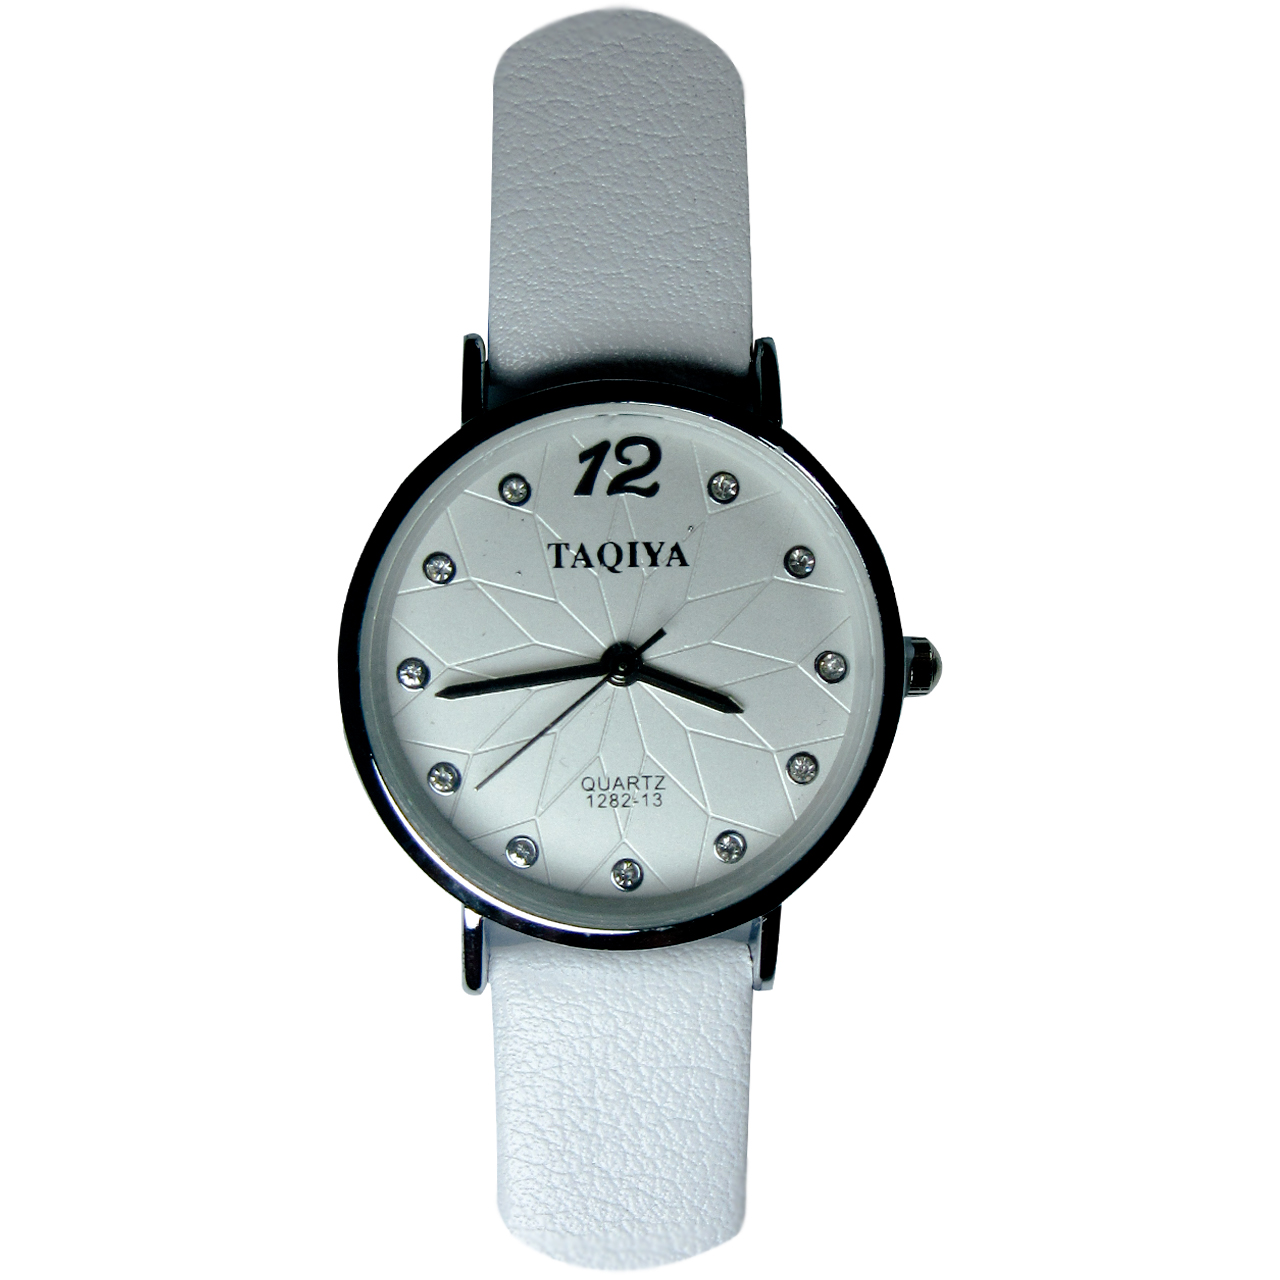 ساعت مچی عقربه ای تاکیا مدل AD224 رنگ سفید